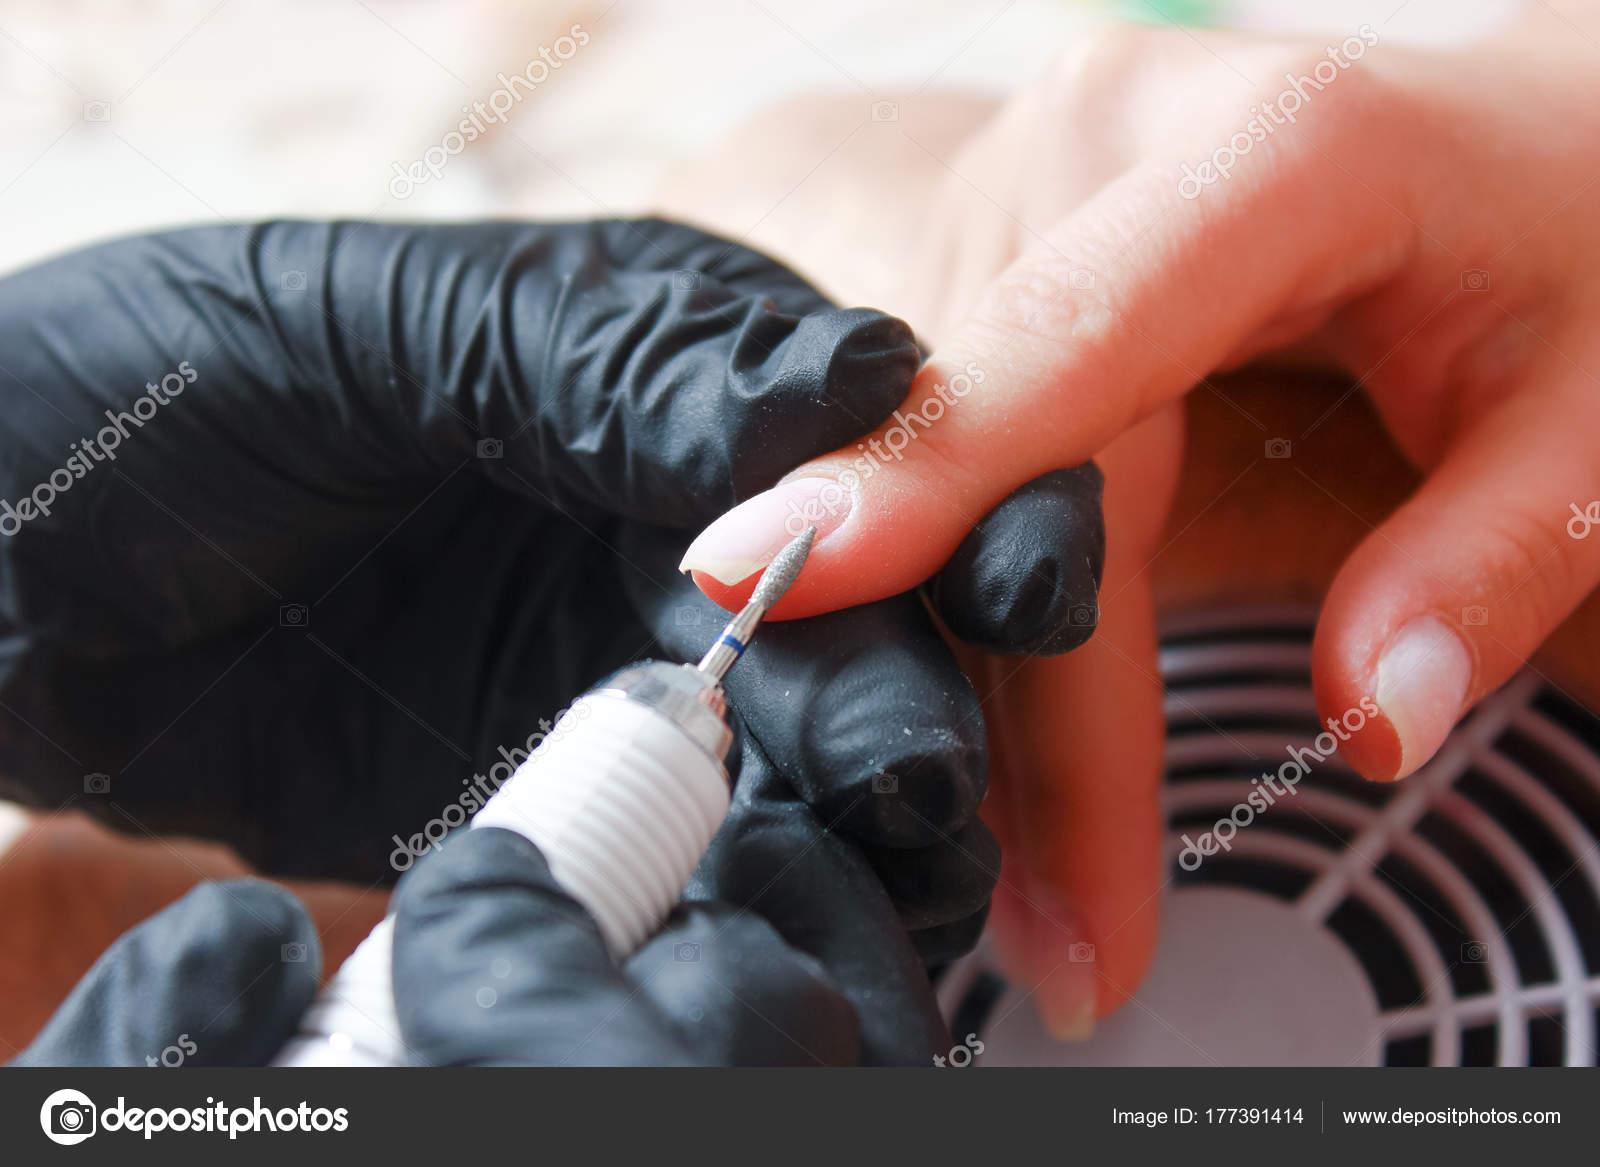 Mujeres manicure, manicura mecánica, cuidado de la mano — Foto de ...